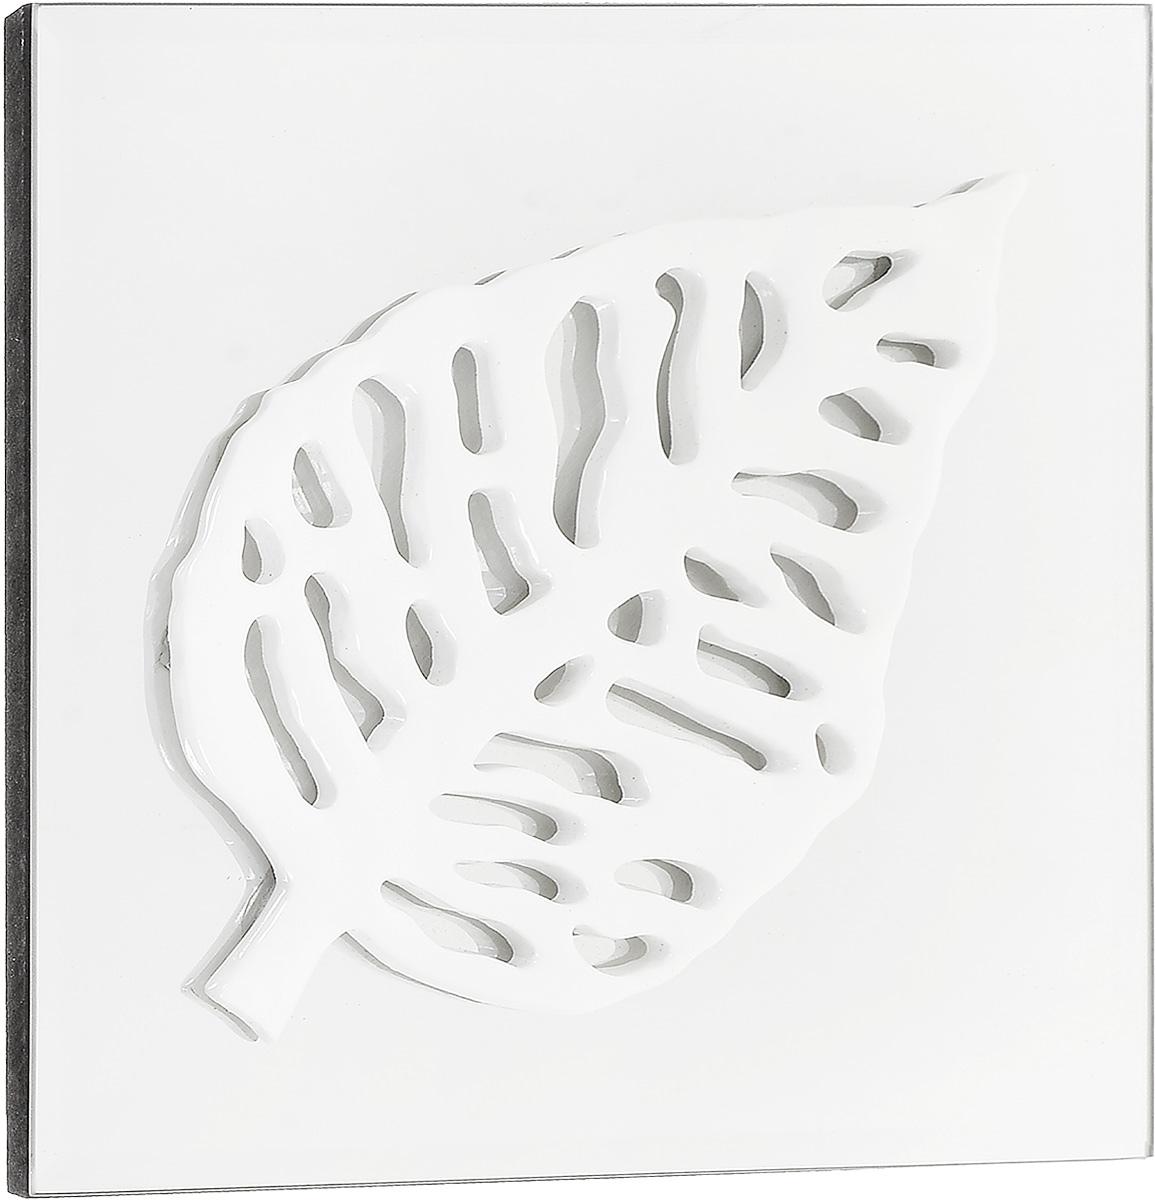 Украшение декоративное Феникс-Презент Листик, настенное, 24 x 24 x 2,3 см44064Настенное украшение Феникс-Презент Листик изготовлено из основы МДФ и зеркального стекла, декоративный элемент выполнен из полирезина в виде листка. Для удобства размещения изделие оснащено металлической петелькой для подвешивания. Такое украшение не только подчеркнет ваш изысканный вкус, но и прекрасным подарком, который обязательно порадует получателя.